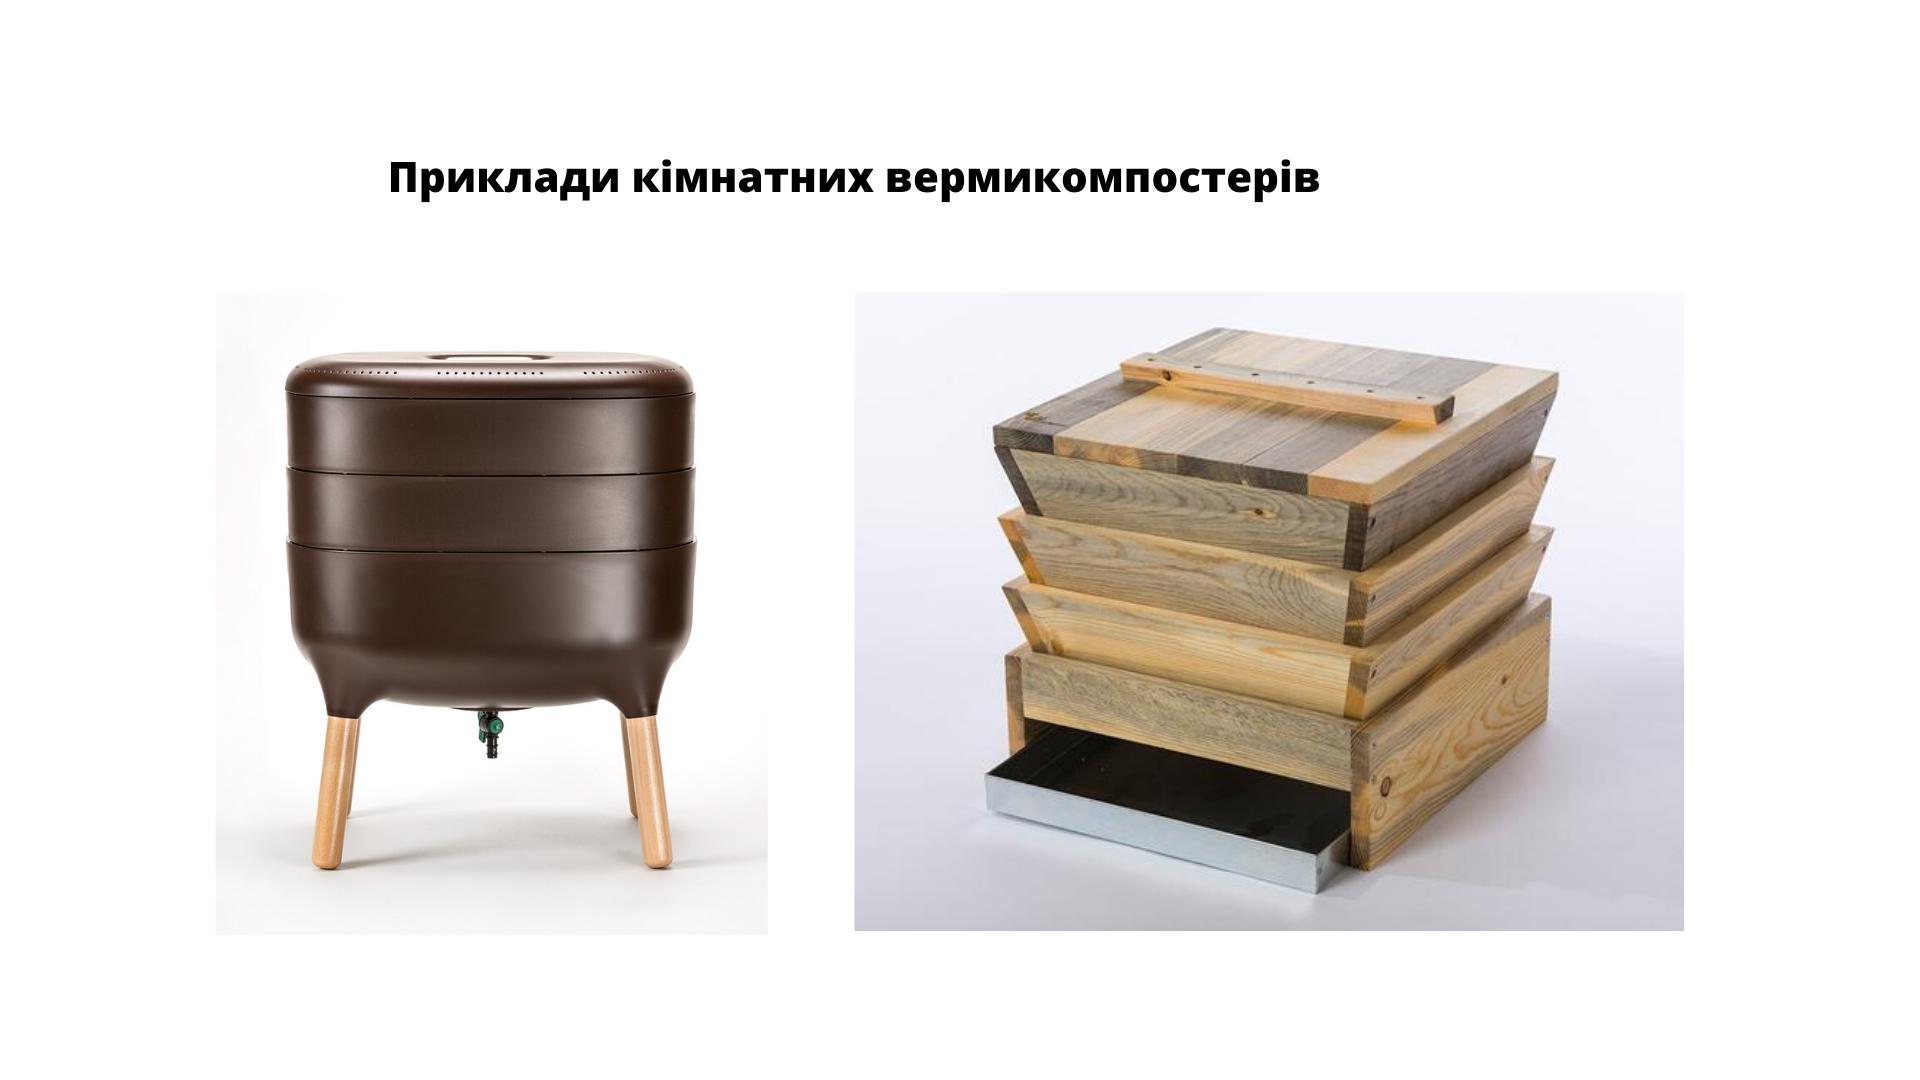 Приклади вермикомпостерів